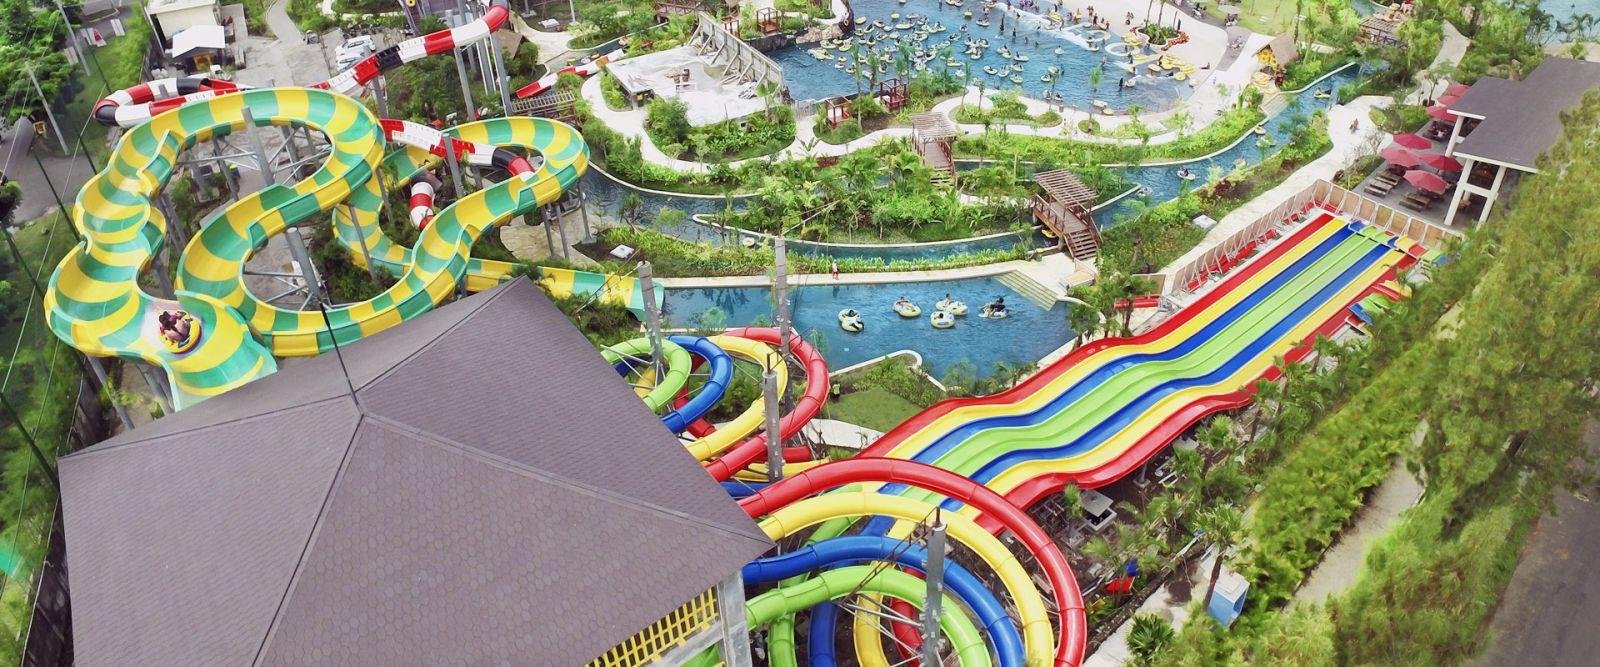 jogja bay pirate theme park